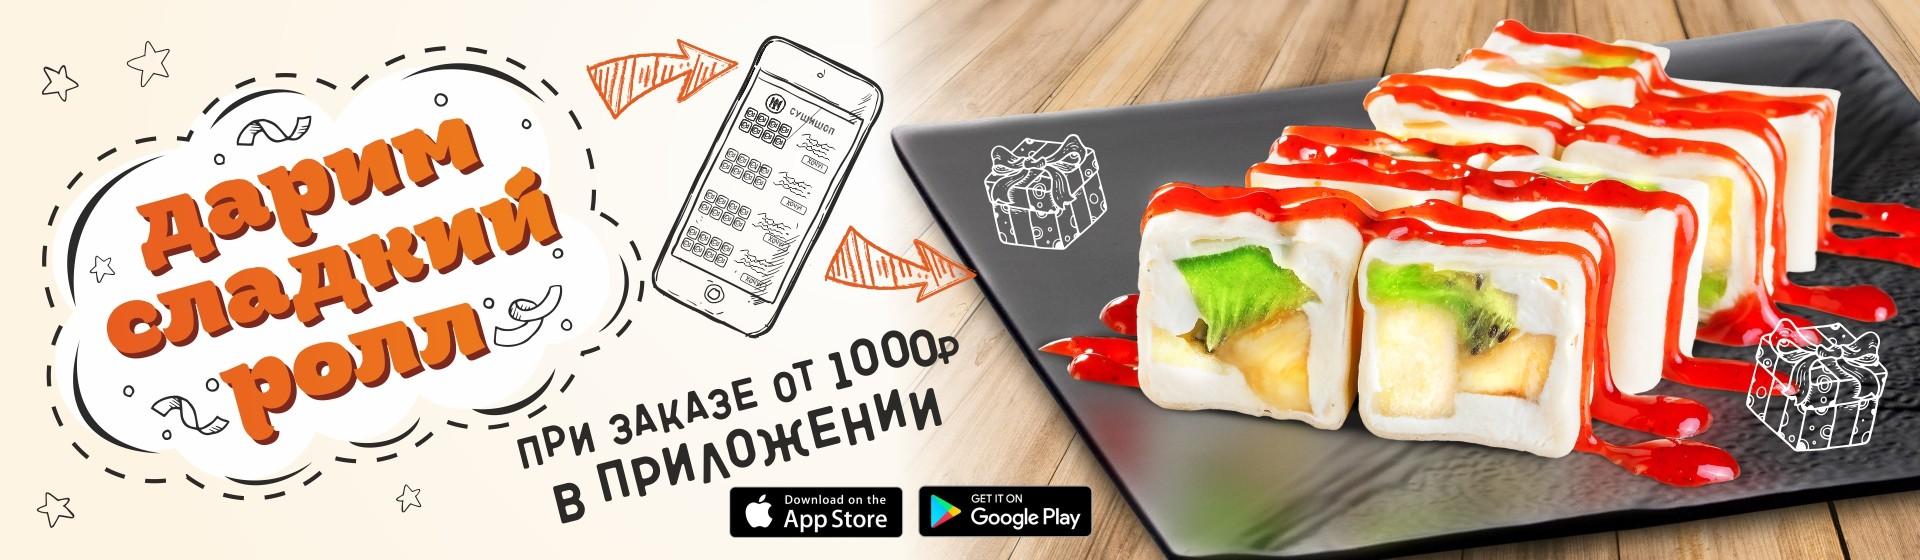 Мобильное приложение Суши Шоп